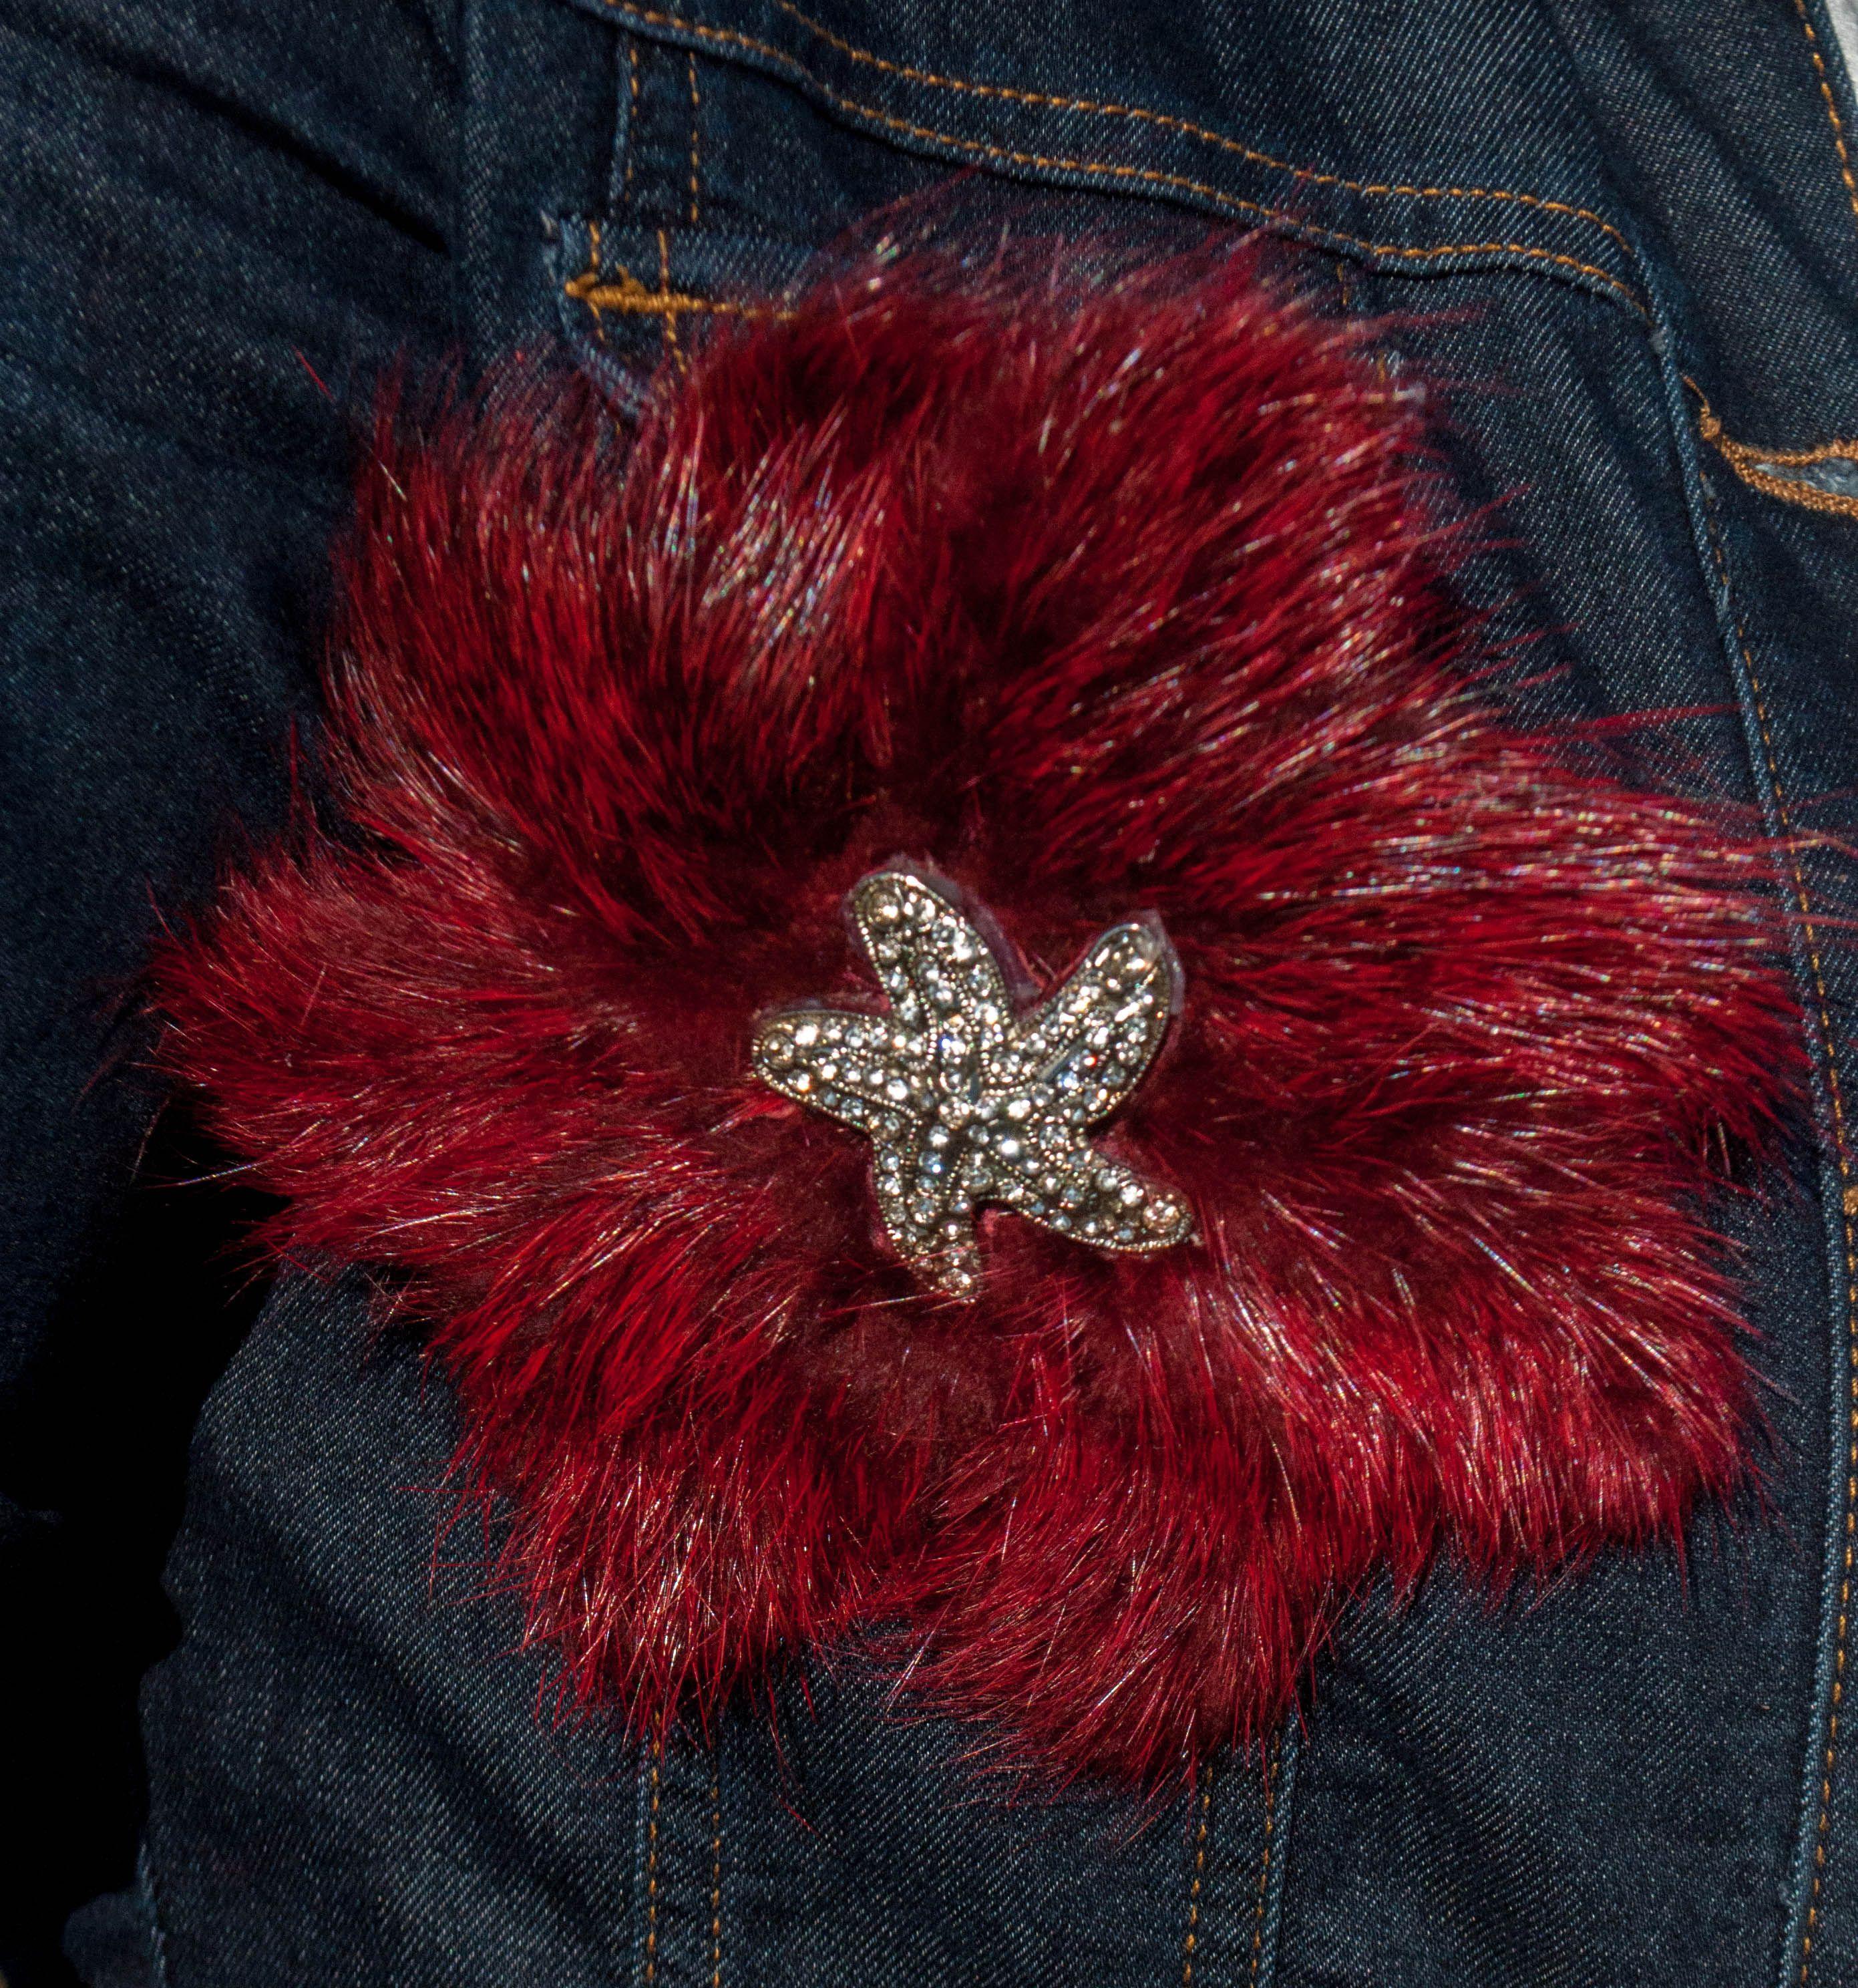 мода сезон броши яркие мех 2019 стиль аксессуары натуральный украшения меха стильные